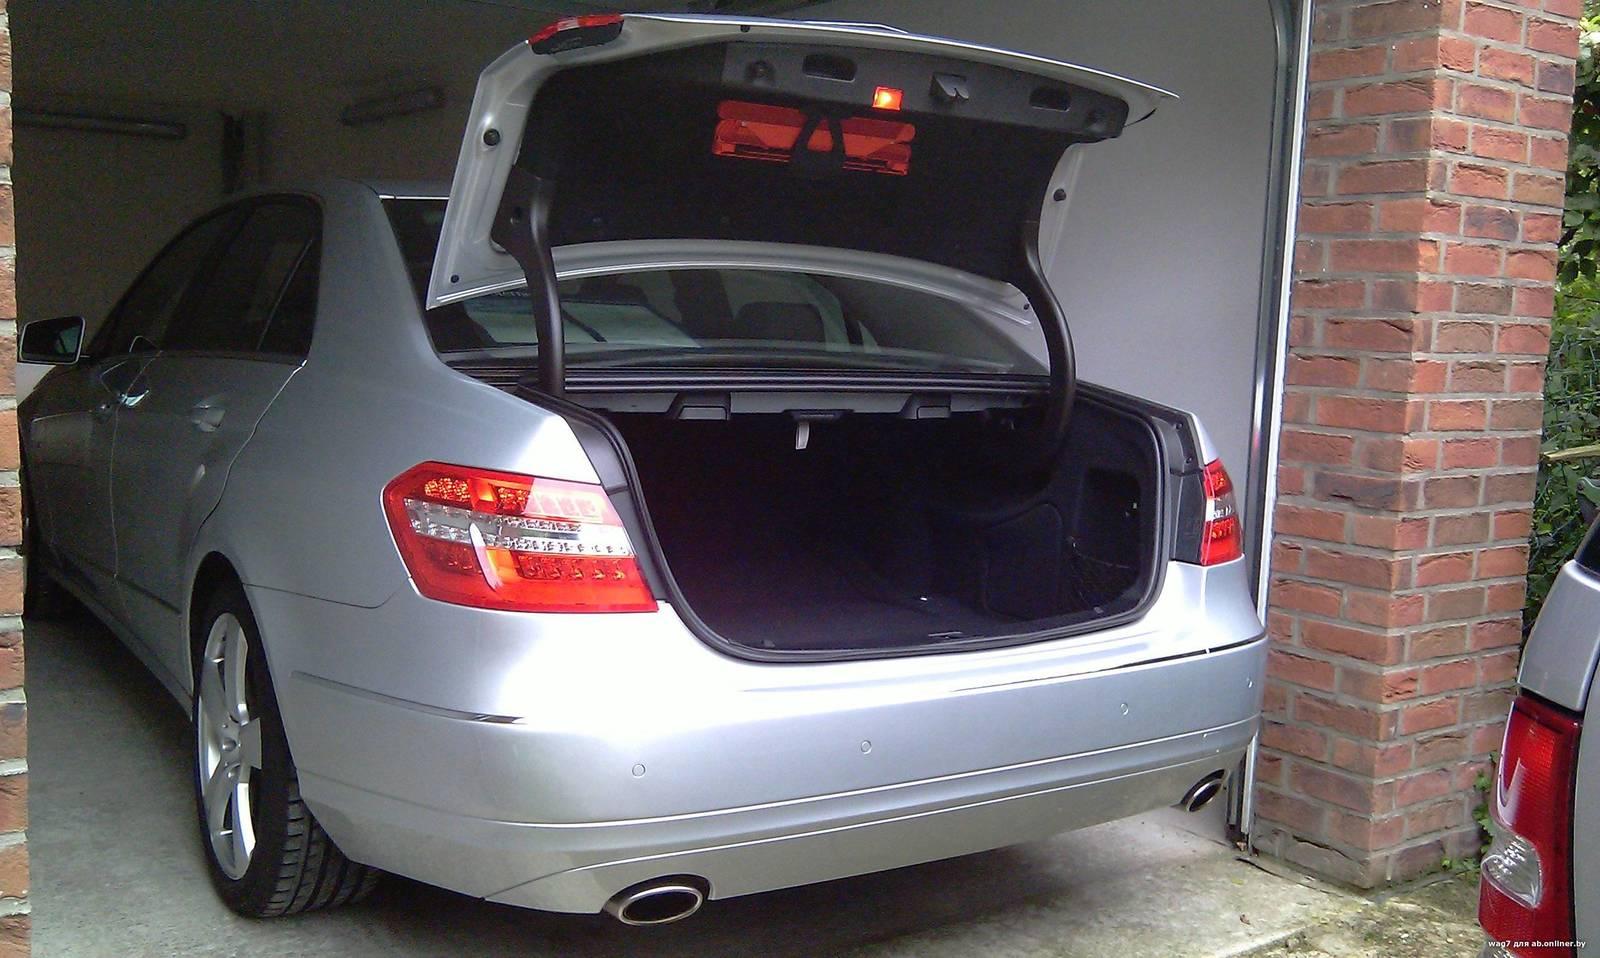 Mercedes-Benz E350 CDI 4M Avantgarde